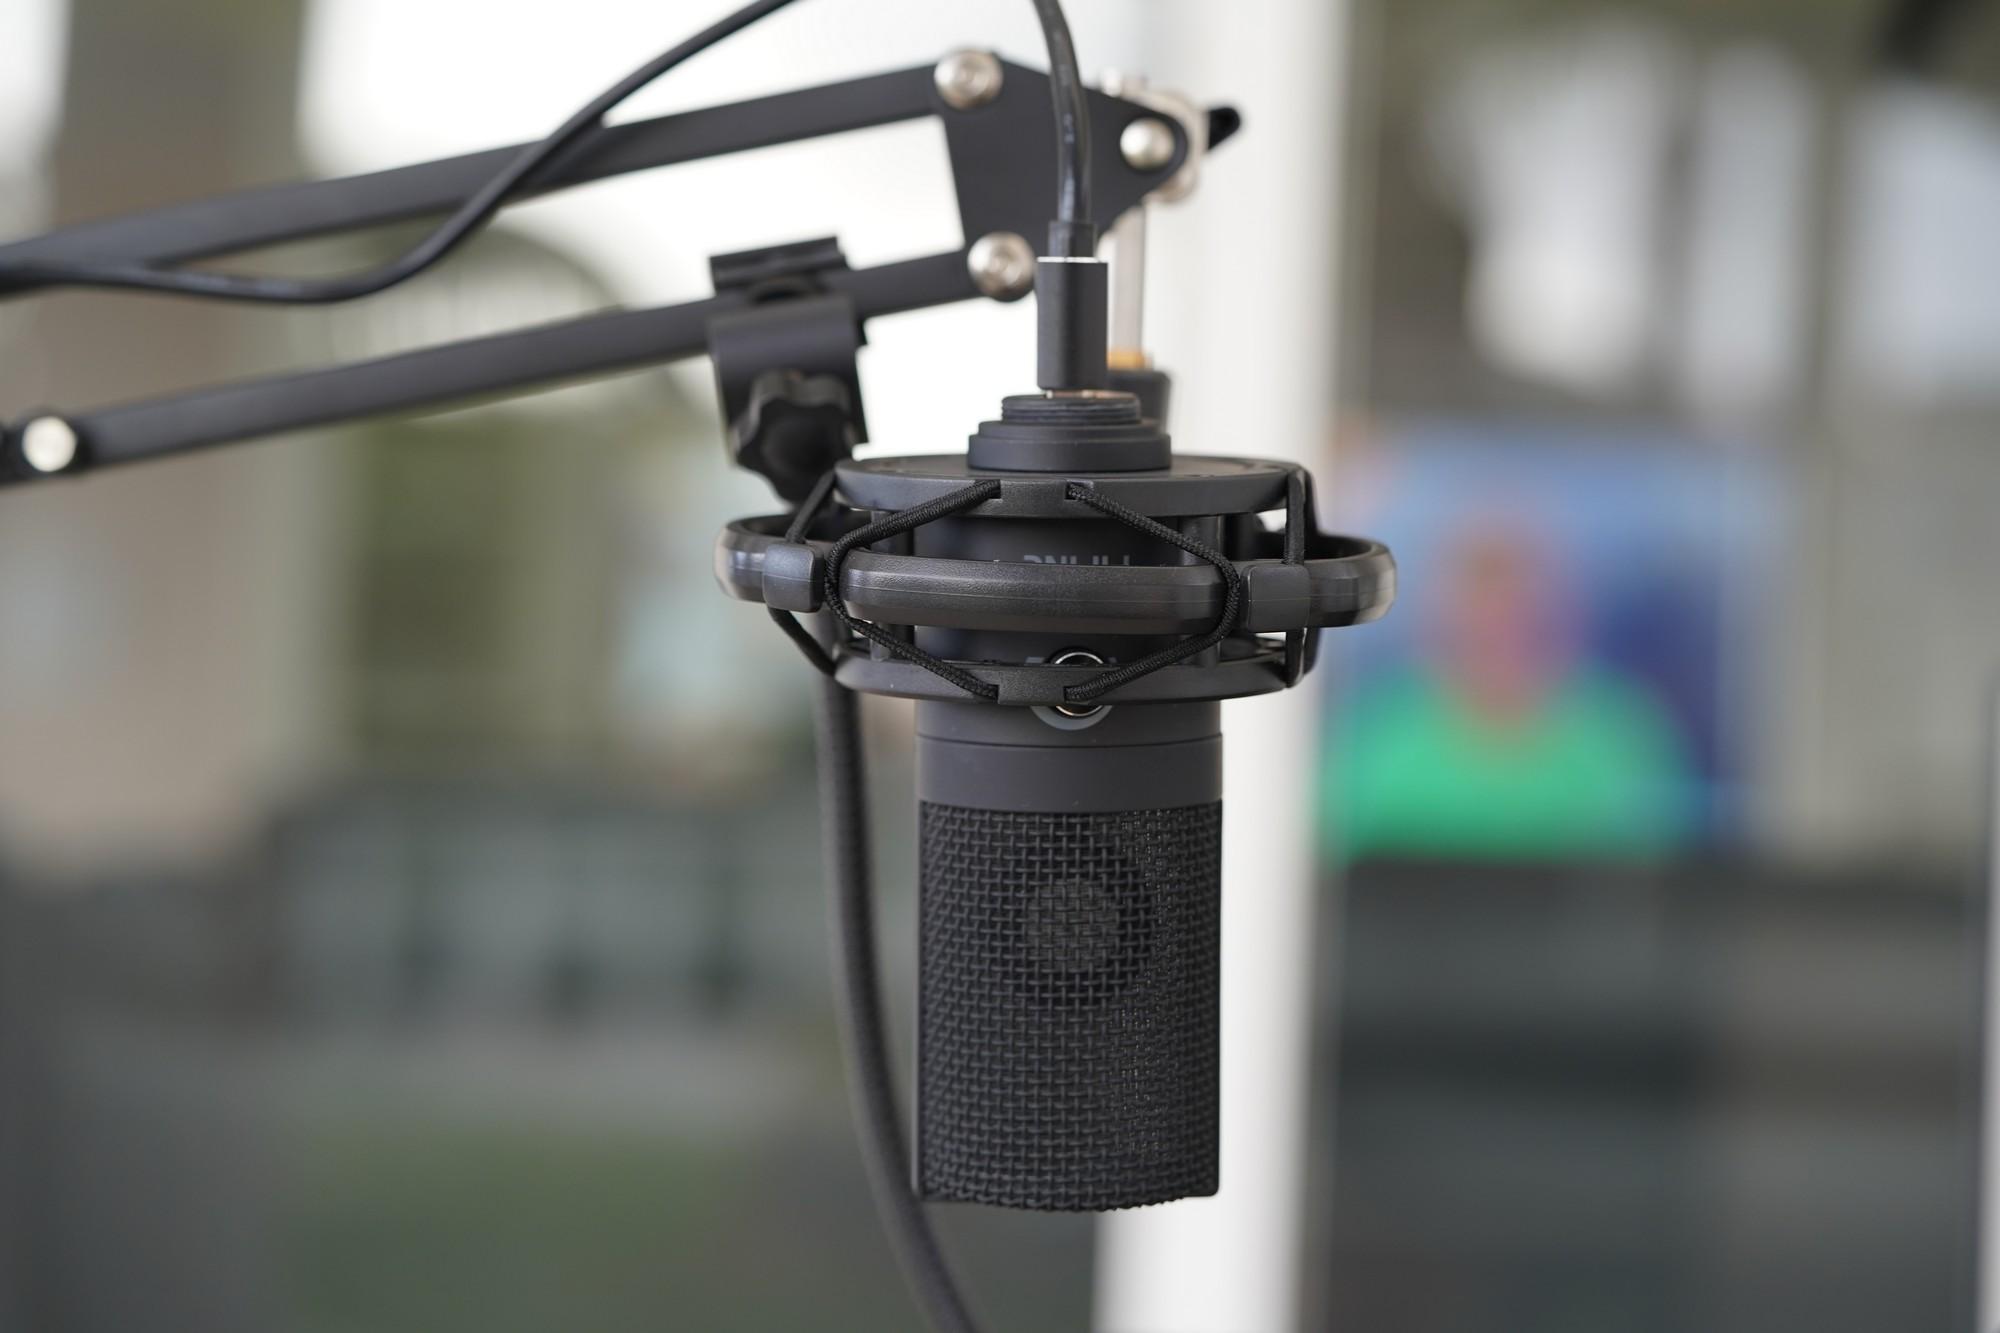 Wielkie porównanie pojemnościowych mikrofonów - Fifine T669